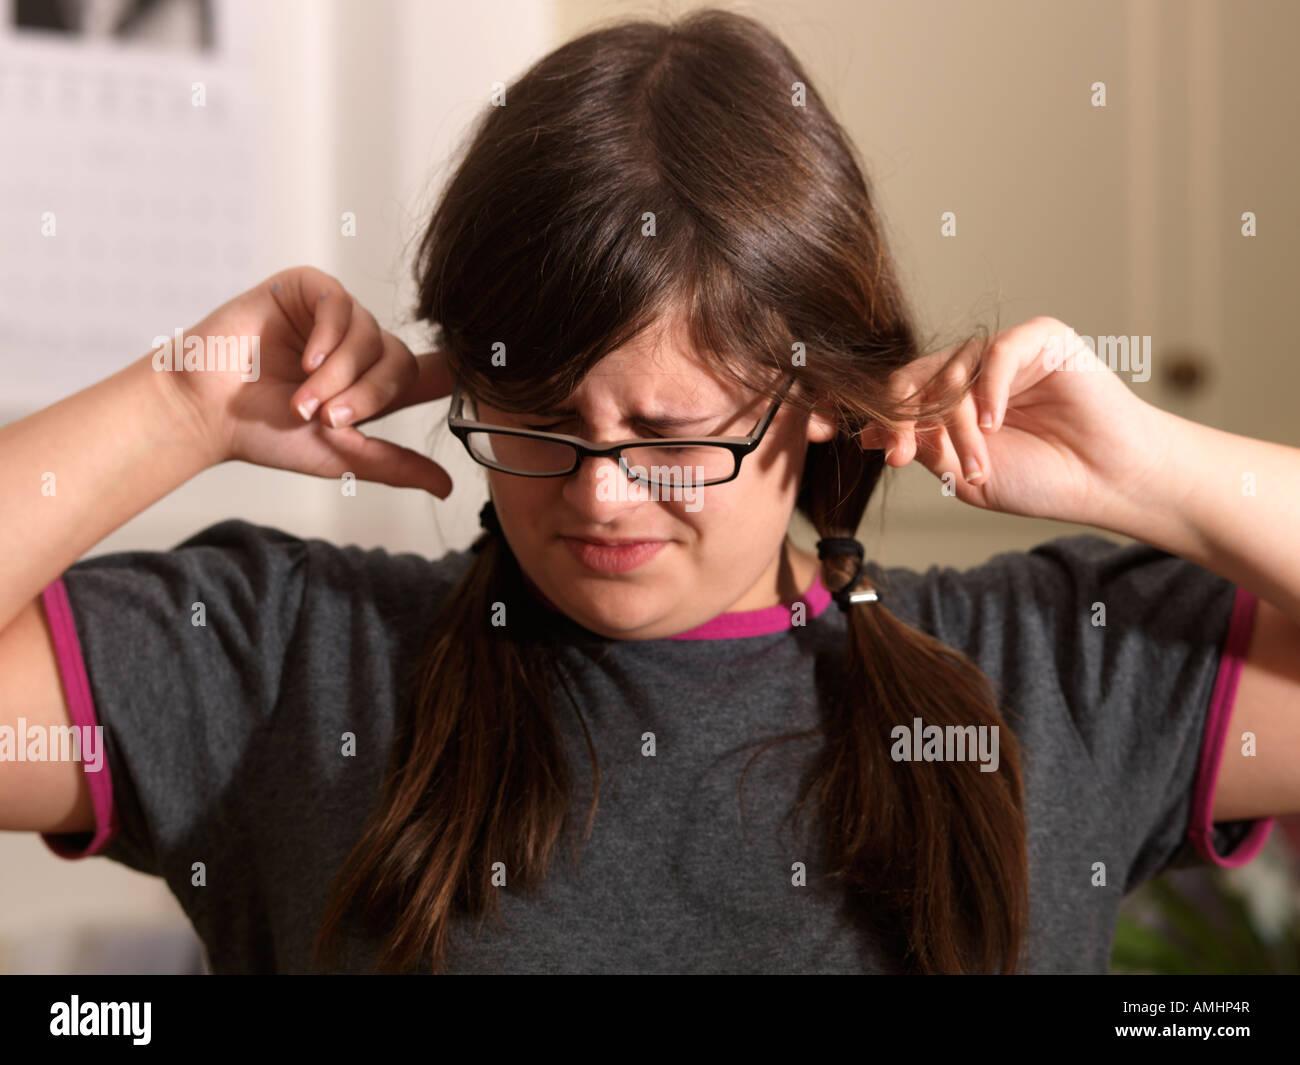 Adolescent avec les doigts dans ses oreilles Photo Stock